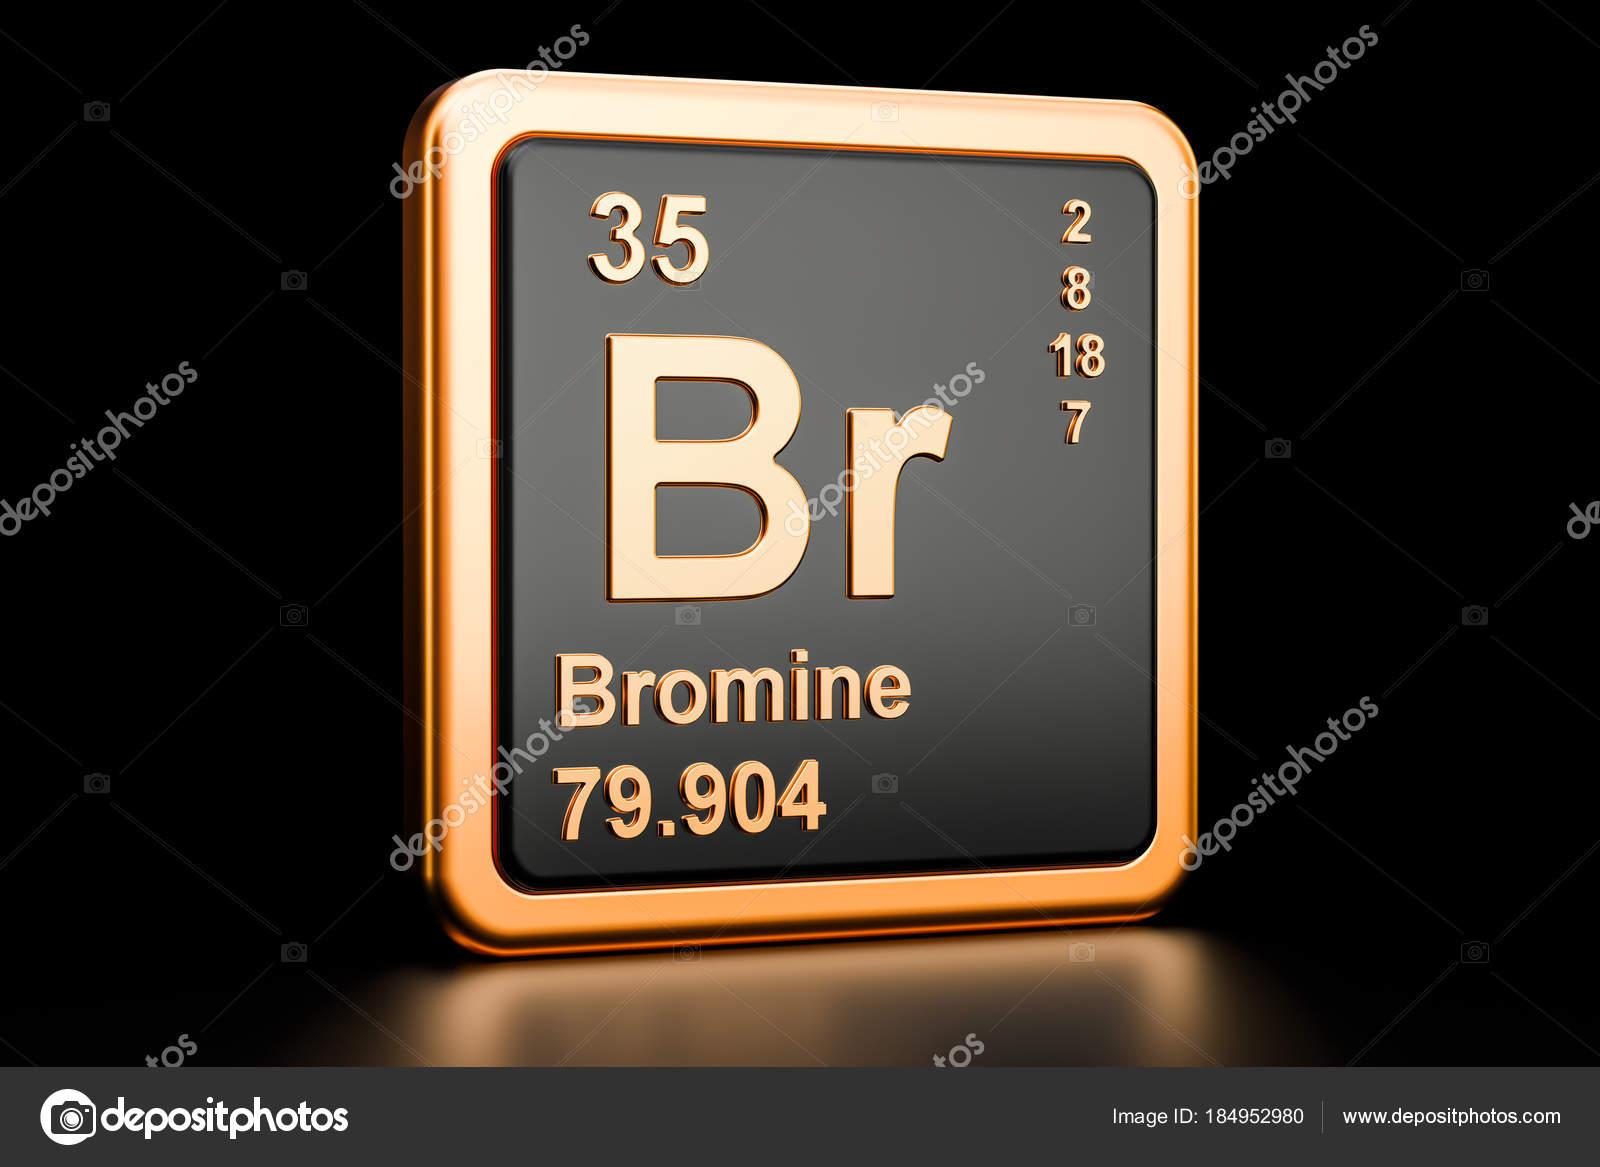 Elemento qumico de bromo br render 3d foto de stock alexlmx bromo br elemento qumico render 3d aislado sobre fondo negro foto de alexlmx urtaz Images